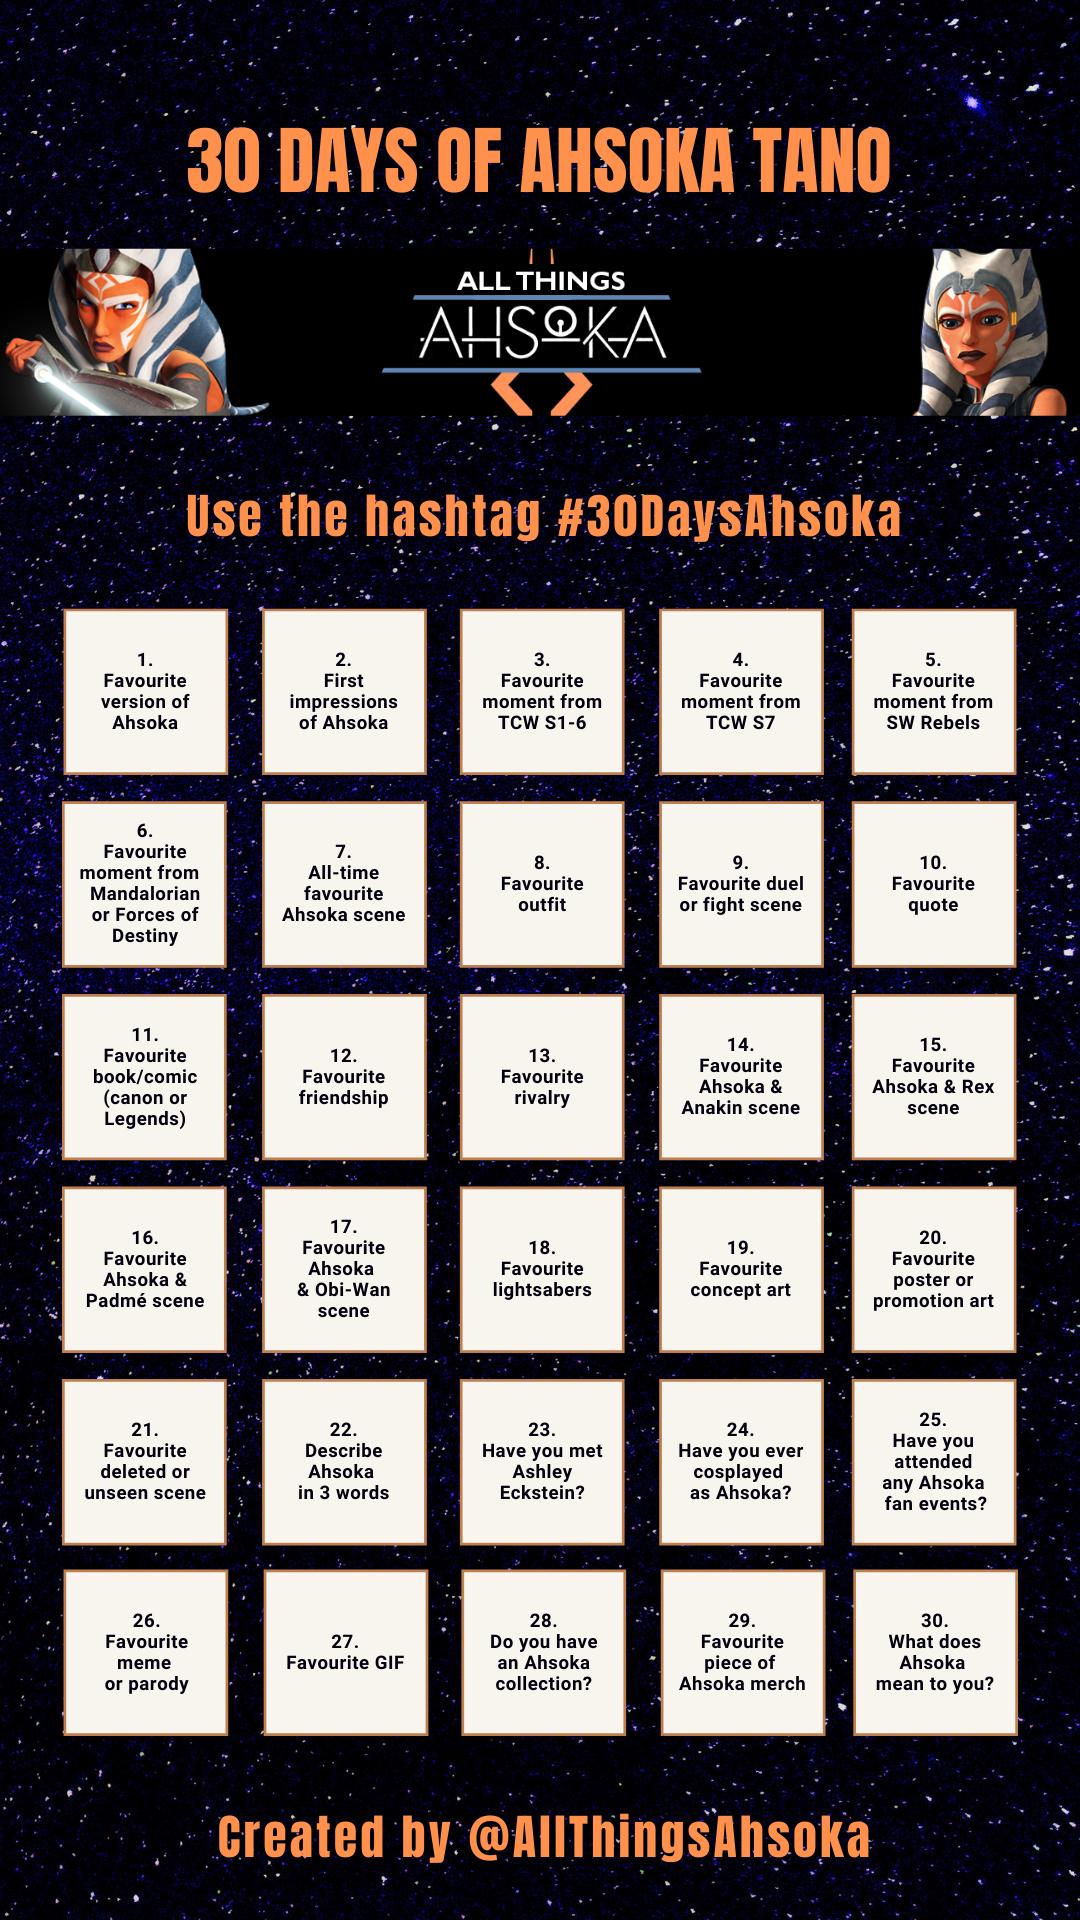 30 Days of AhsokaChallenge